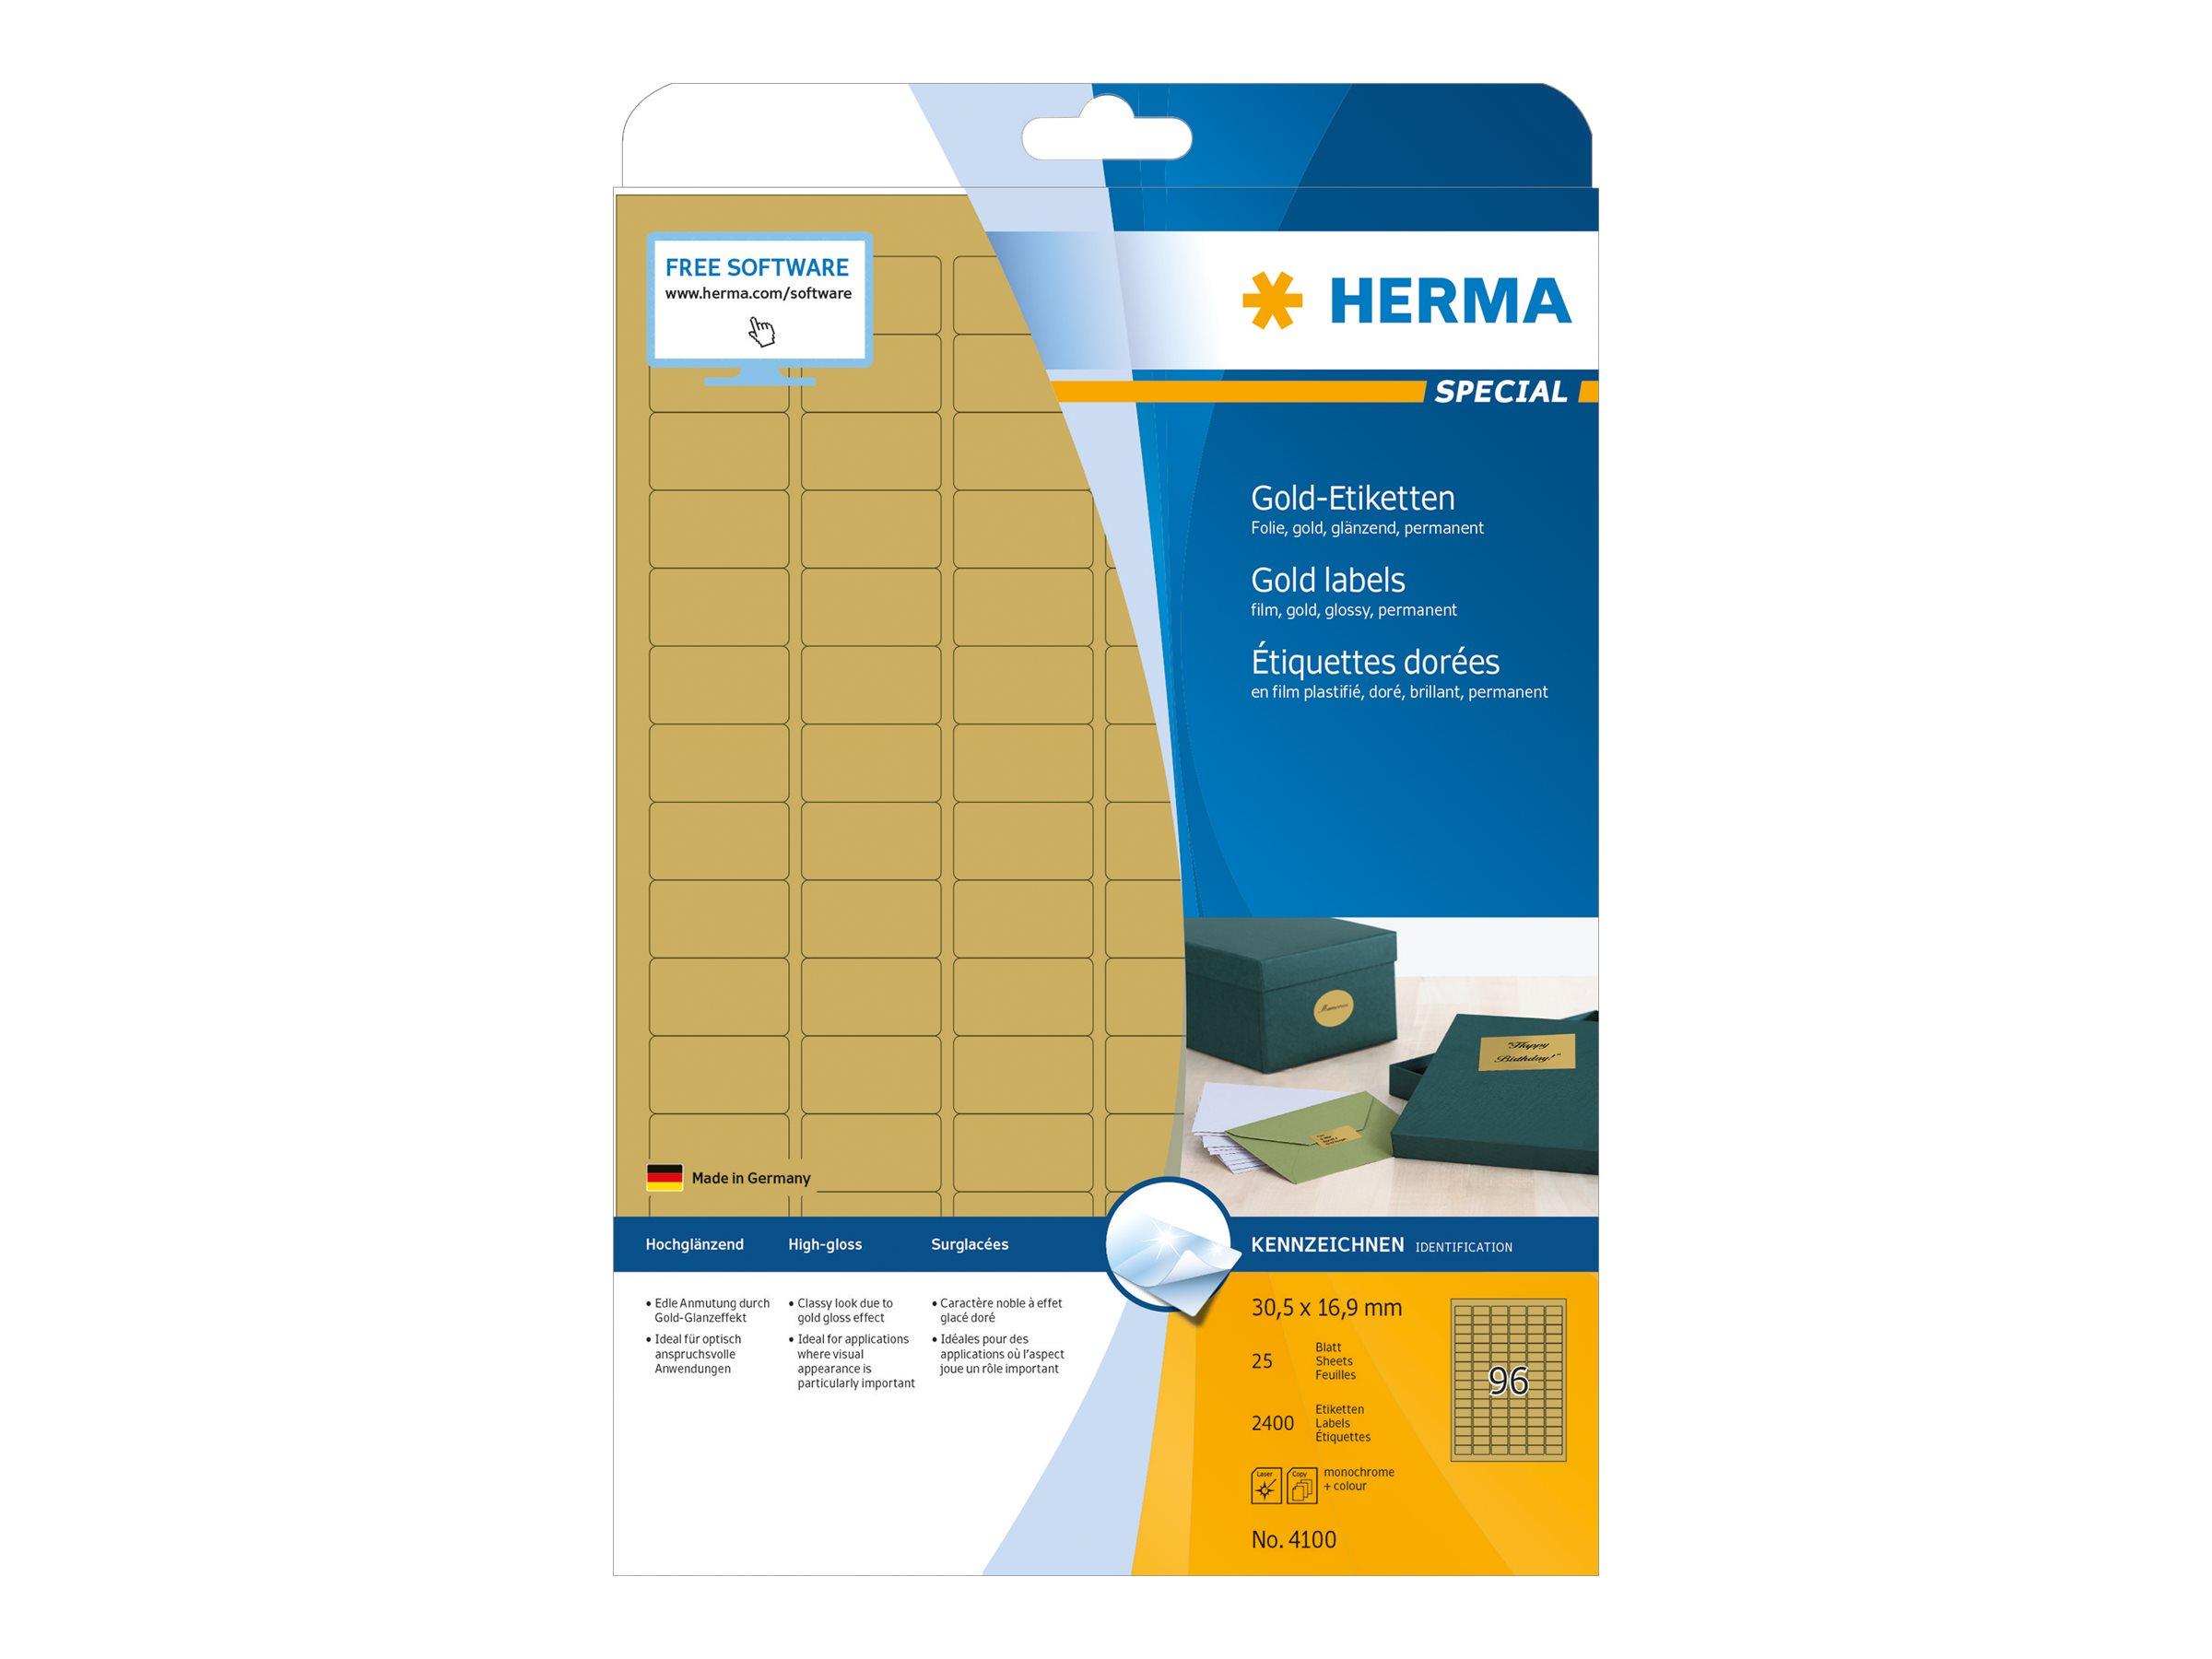 HERMA Special - Polyester - glänzend - permanent selbstklebend - Gold - 30.5 x 16.9 mm 2400 Etikett(en) (25 Bogen x 96)